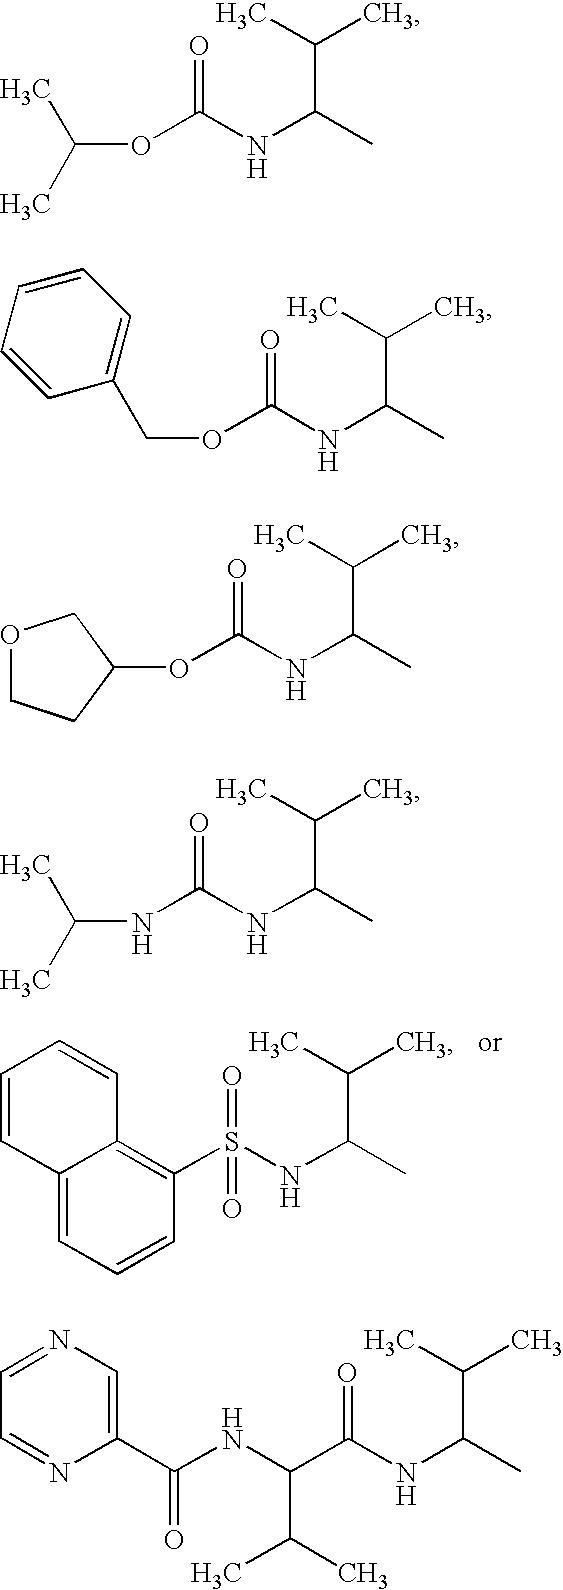 Figure US20030236242A1-20031225-C00023